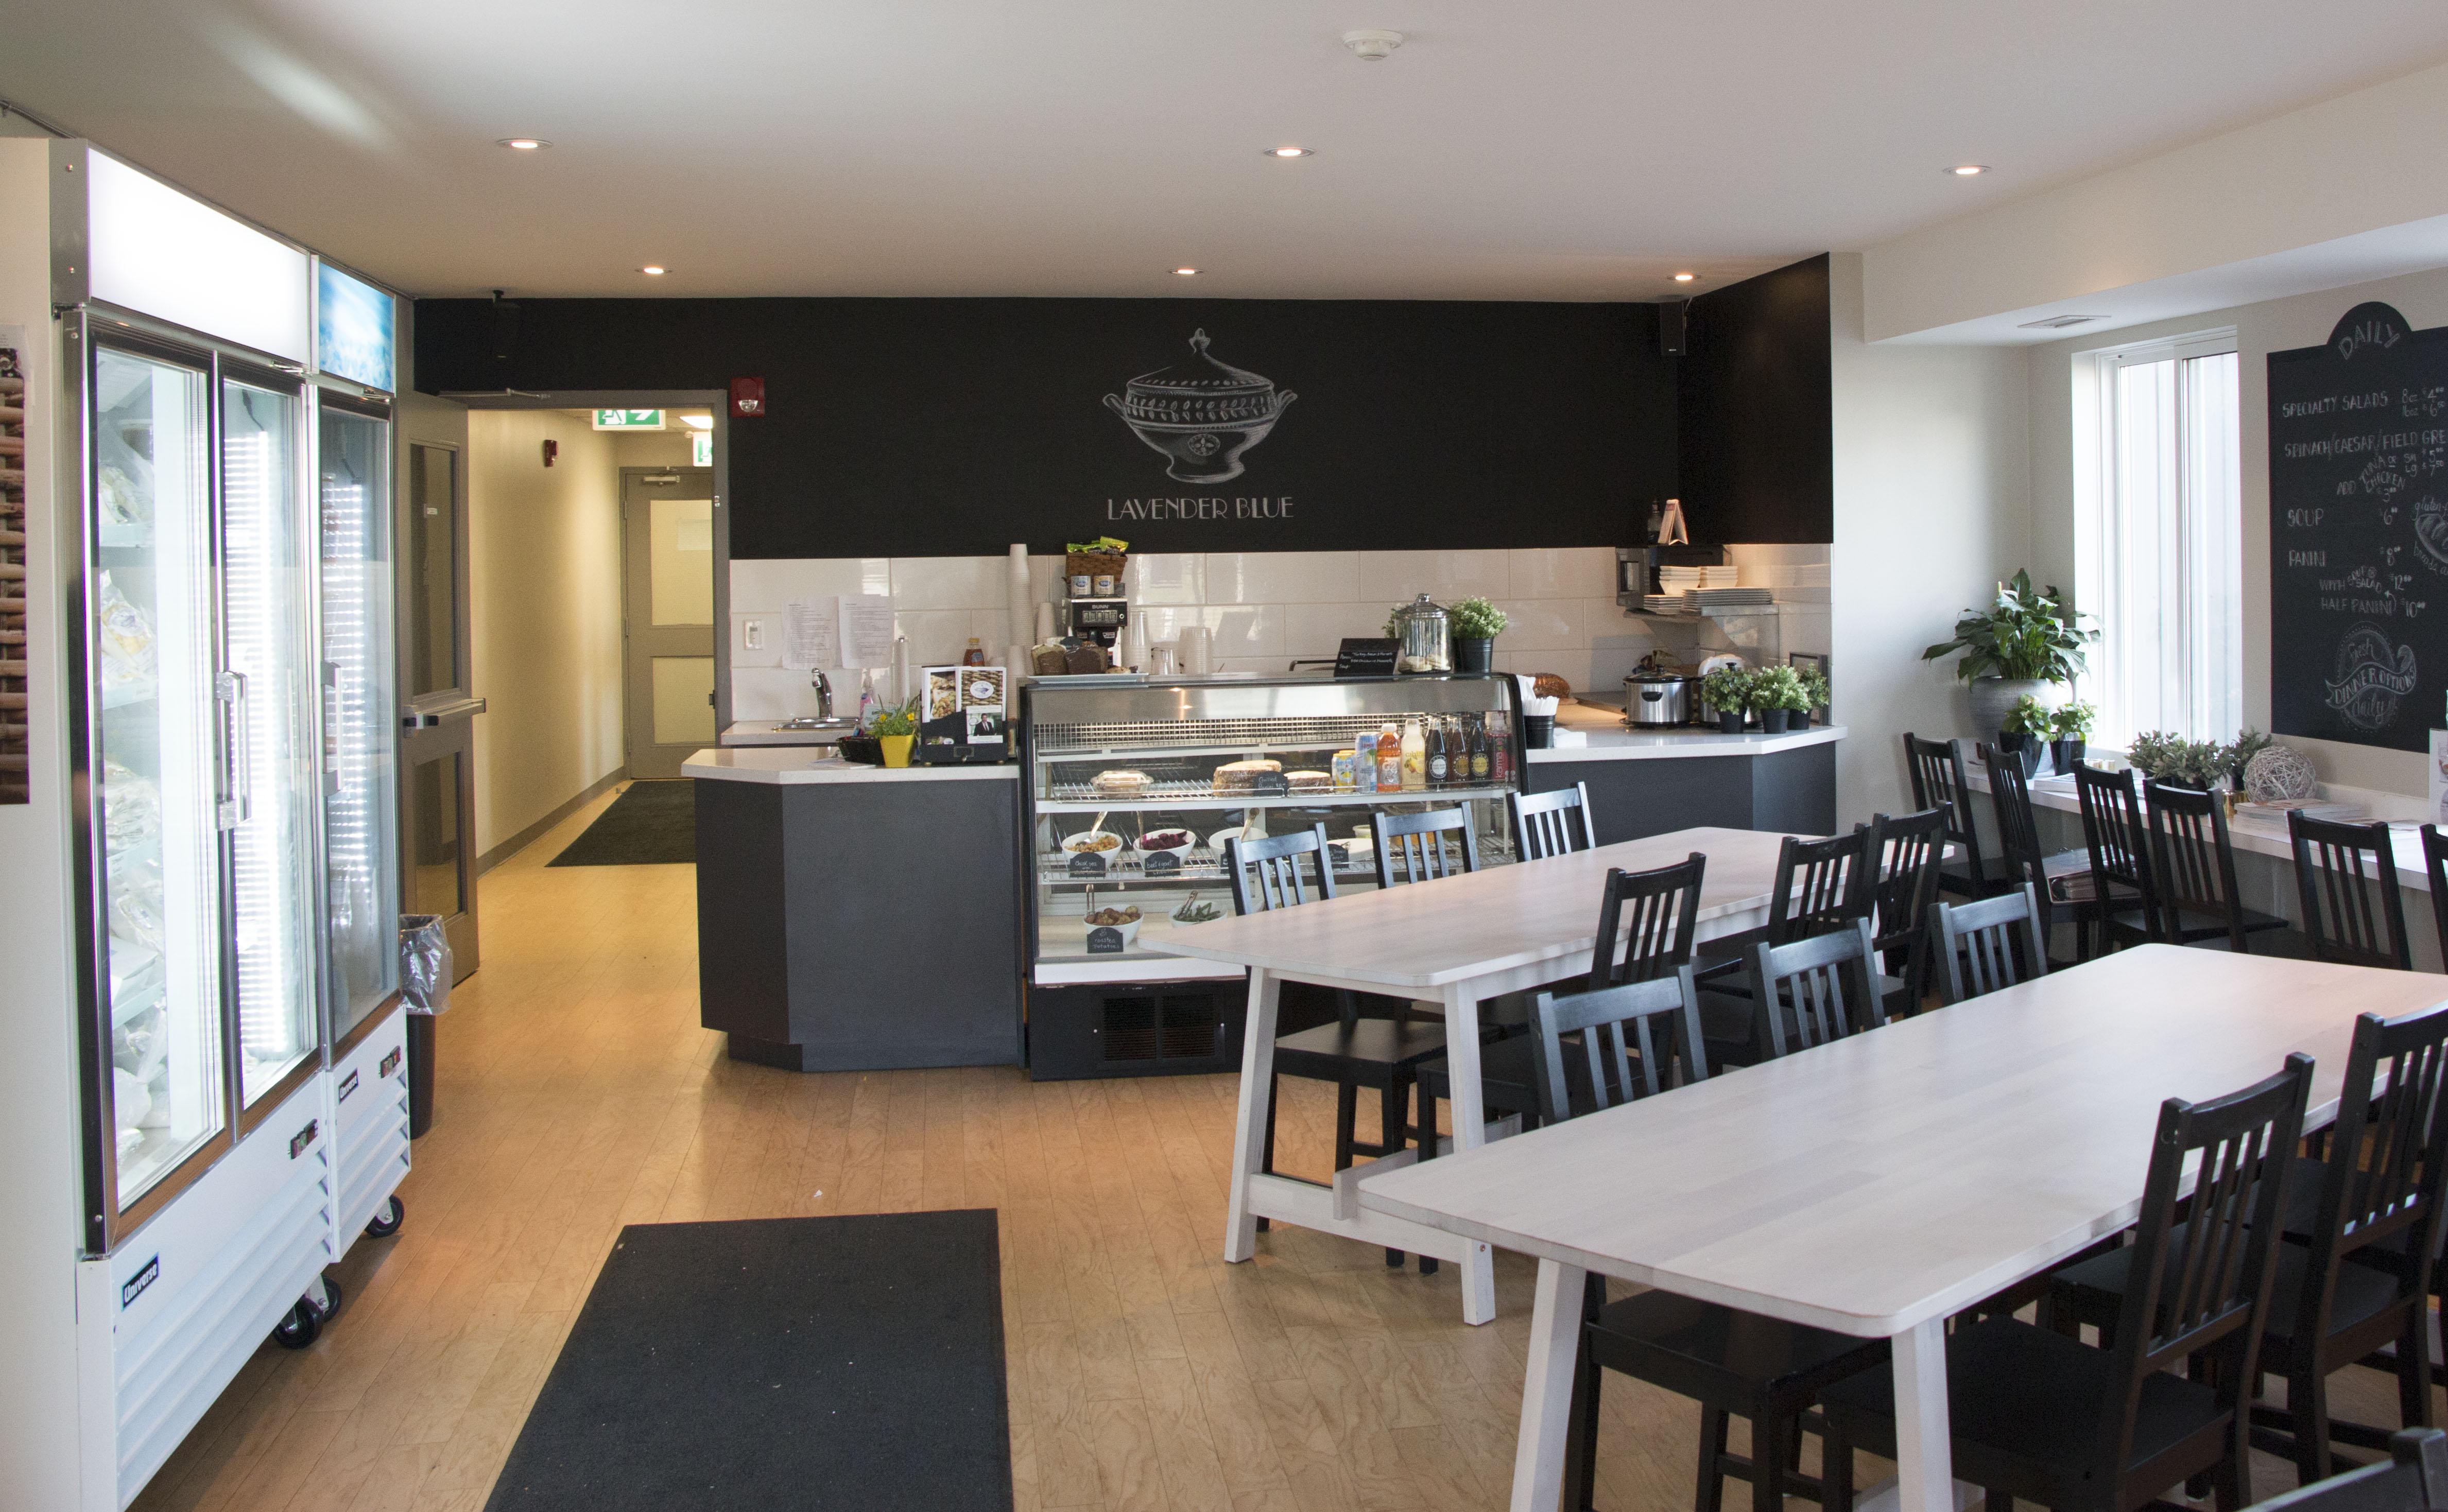 Lavender Blue Catering Cafe